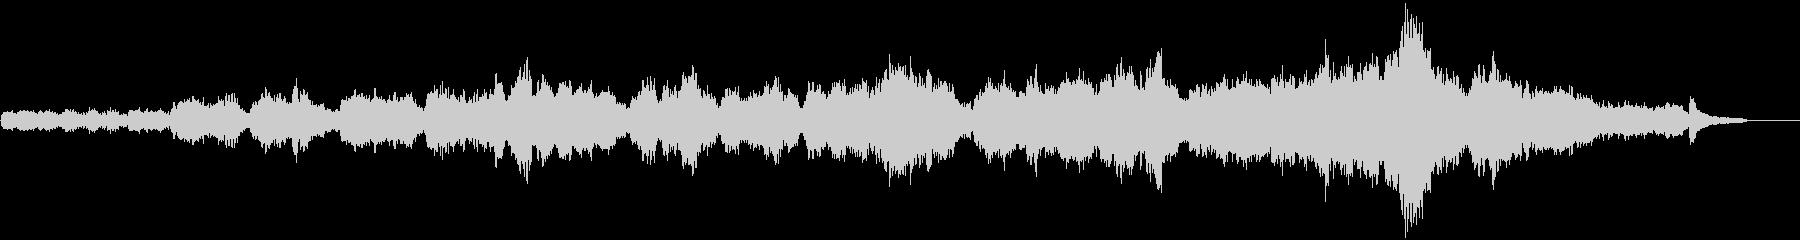 グノー「アヴェ・マリア」トランペットpfの未再生の波形